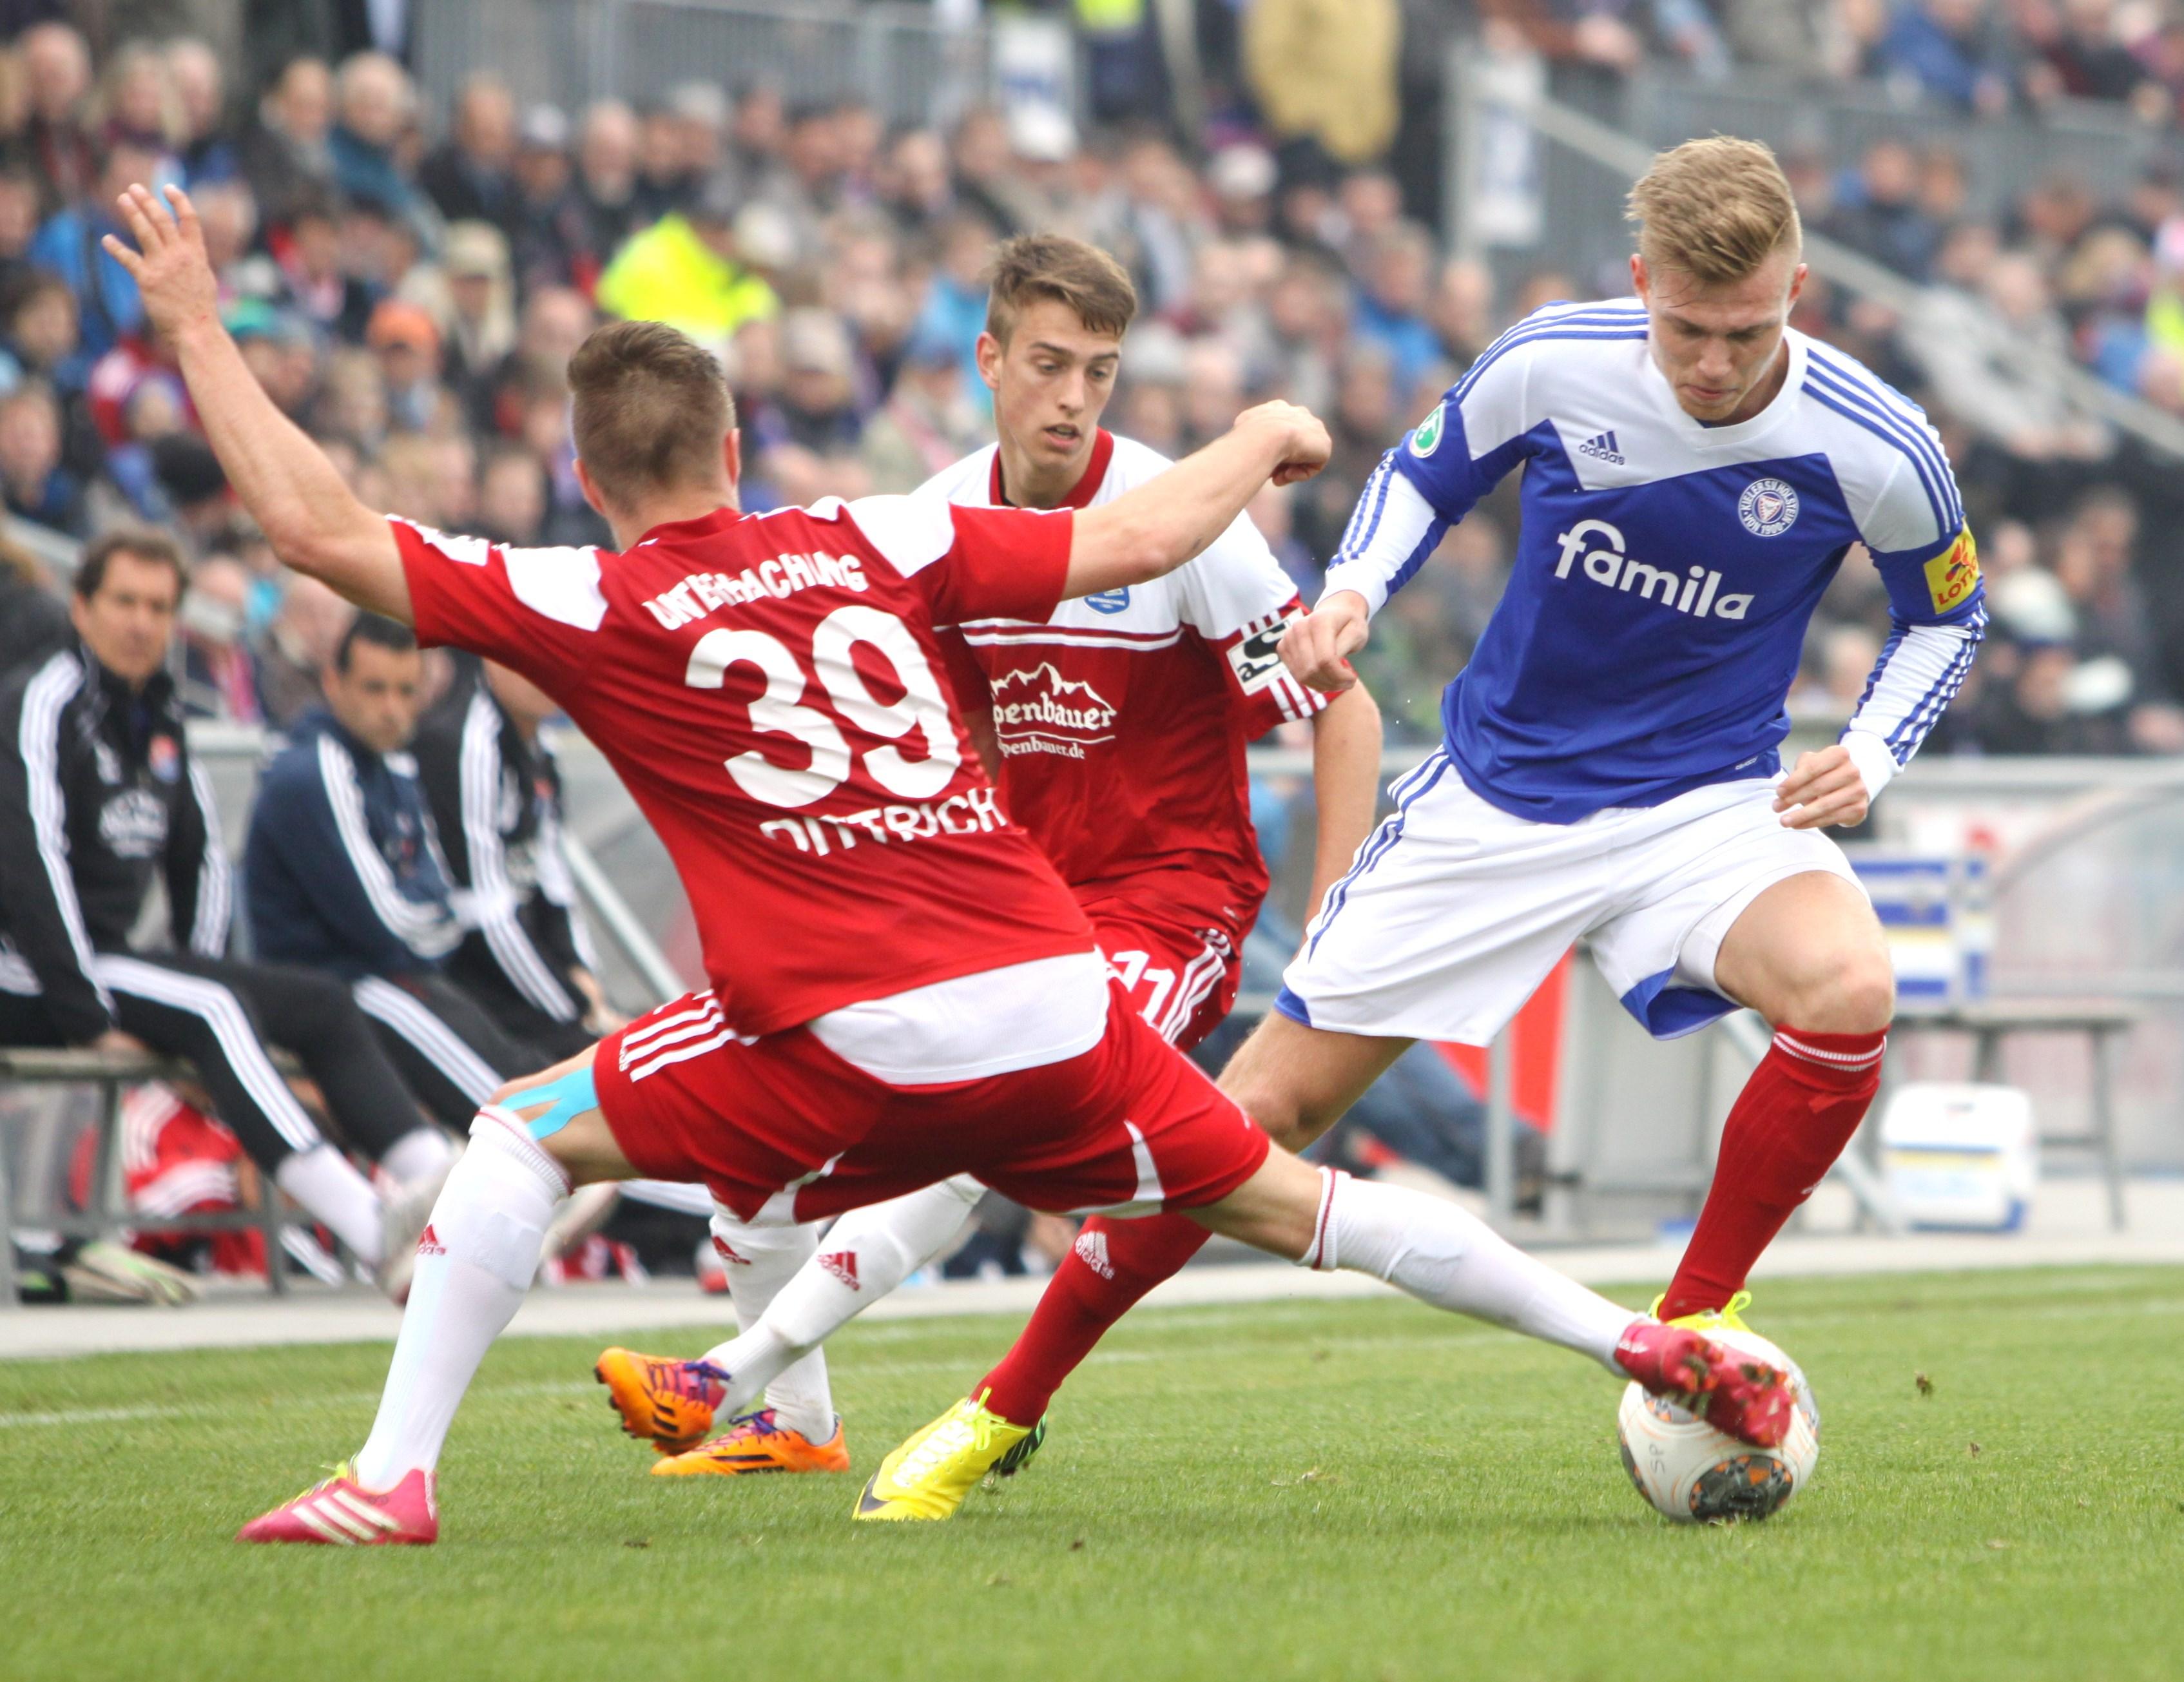 """Holstein Kiels Breitkreutz: """"Ich bringe alles mit, was ein guter Fußballer braucht"""""""